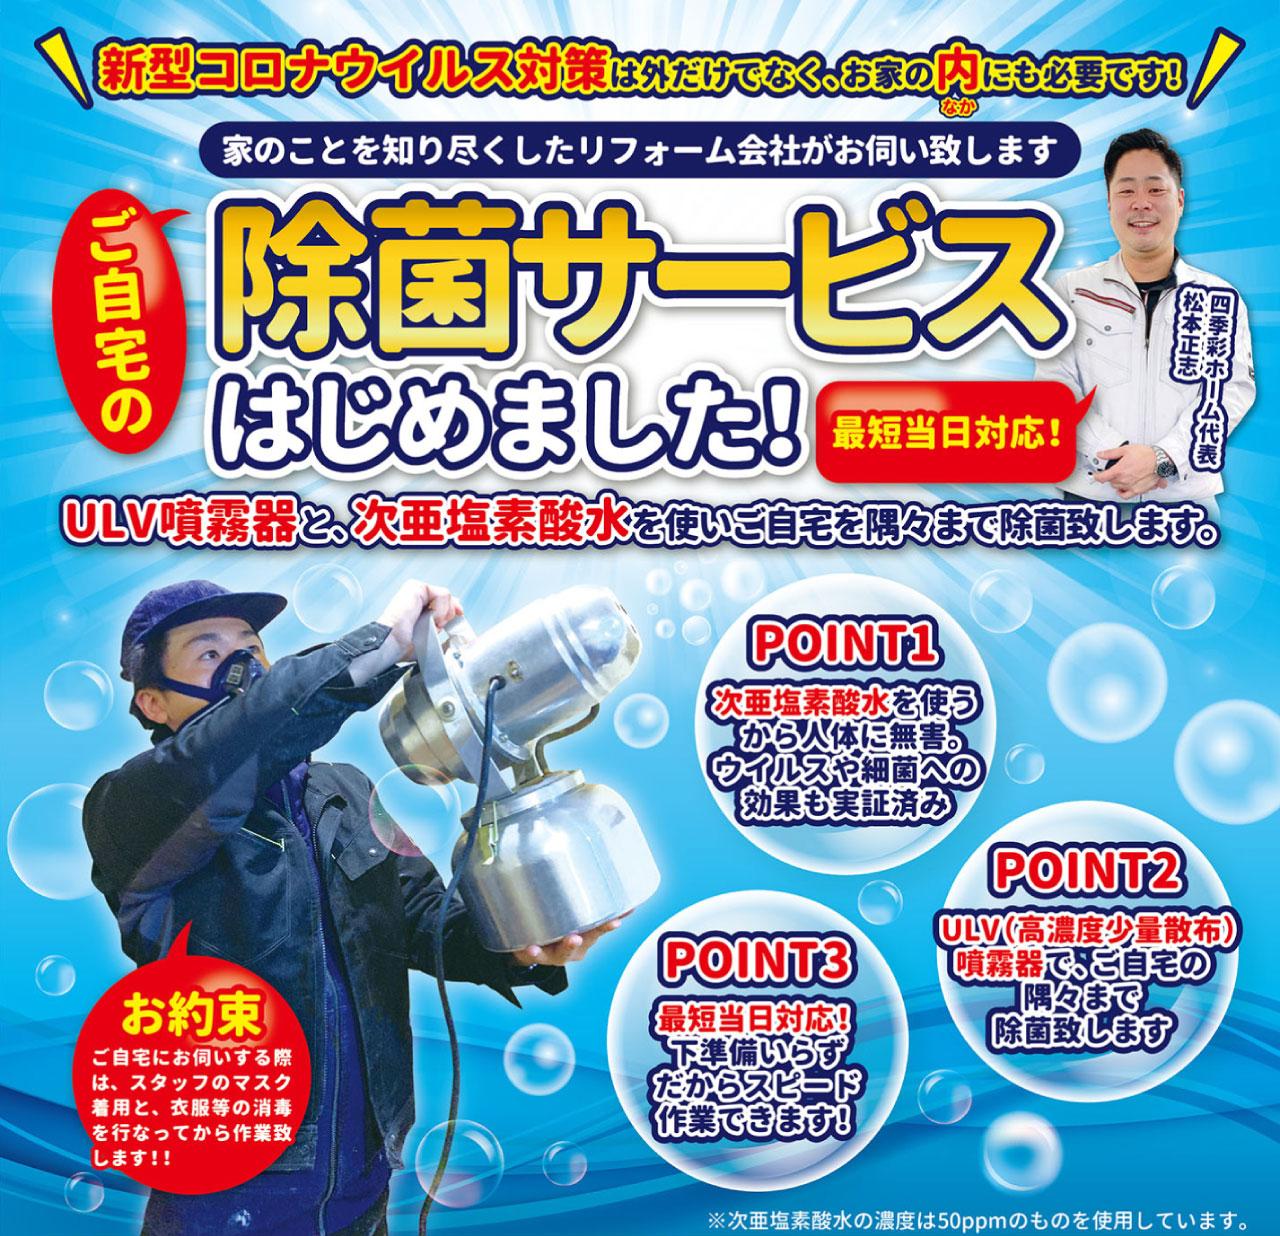 ご自宅消毒サービス〜新型コロナウィルス対策